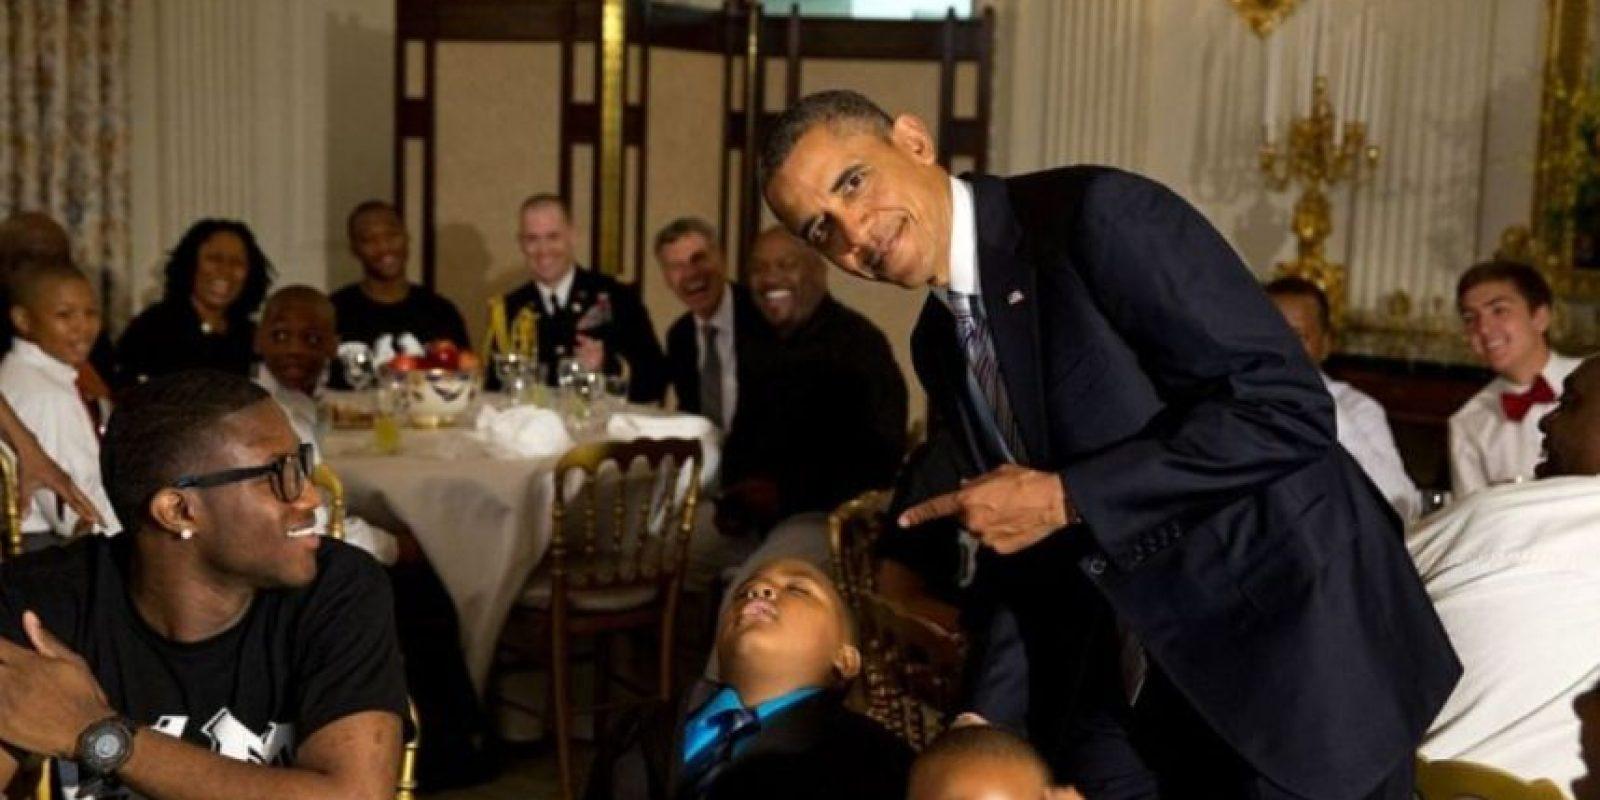 Los pequeños deben tener cuidado de no quedarse dormidos o pueden ser la burla del Presidente Foto: Vía whitehouse.gov/photos